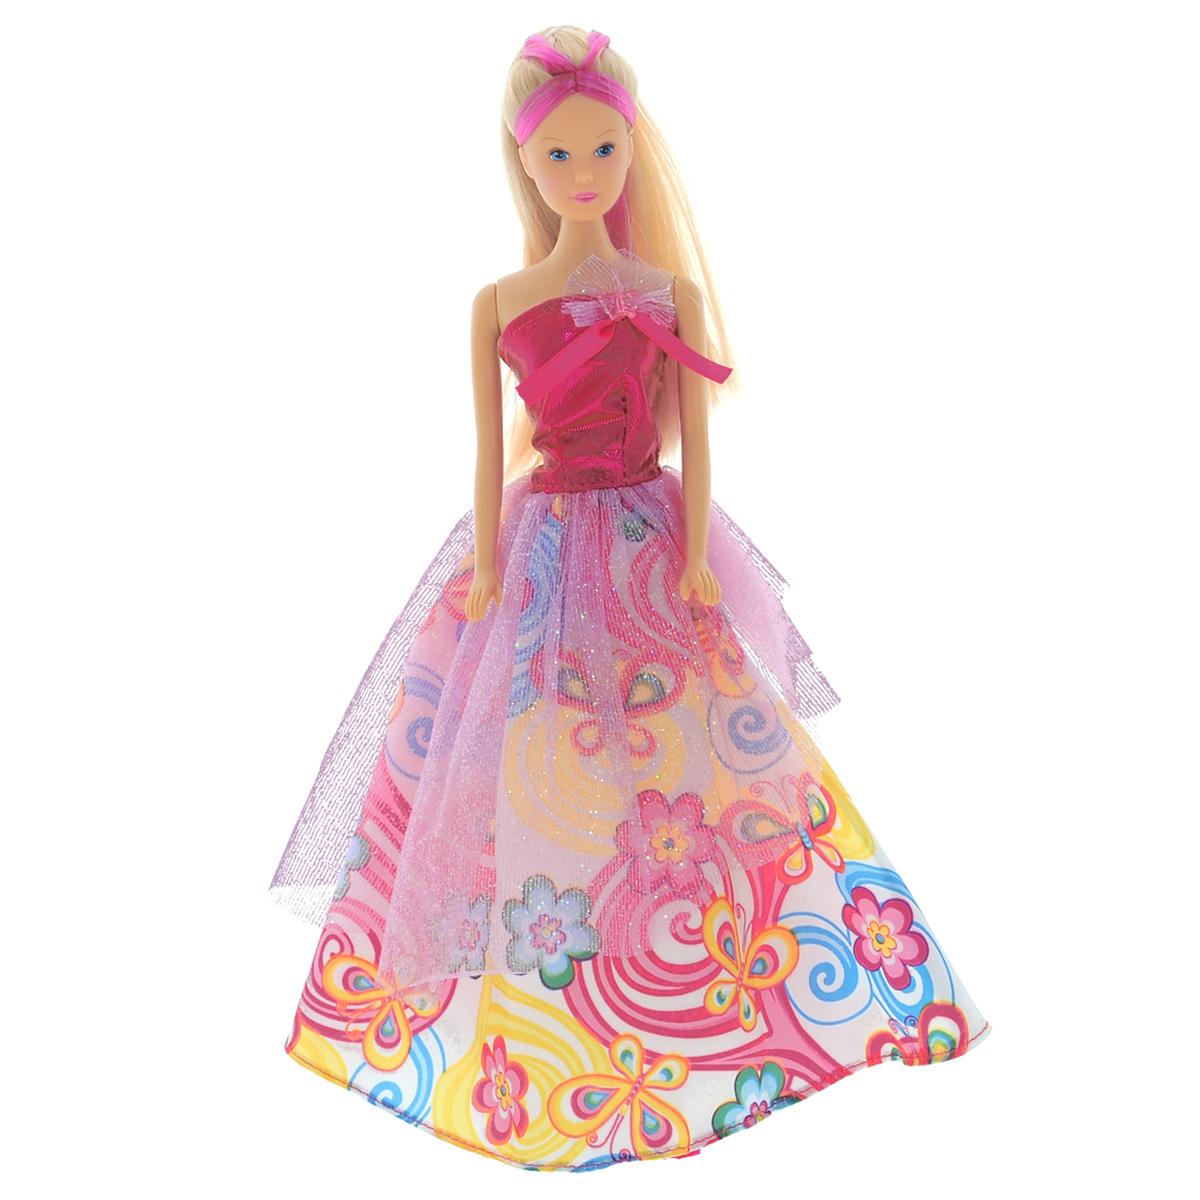 Simba Кукла Steffi Love Butterfly5734903Кукла Steffi Принцесса бабочек одета в великолепное розовое платье, подол которого украшен изображением разноцветных бабочек, и туфли розового цвета. Длинные красивые волосы принцессы убраны в хвост. В комплект с куклой входят небольшие заколочки в виде бабочек. Также юная красавица найдет для себя две резинки для волос с бабочками. Порадуйте свою малышку такой замечательной игрушкой! Куклы, пожалуй, древнейшие и самые популярные игрушки в мире. Девочки обожают играть с ними, отправляясь в сказочную страну грез. Сегодня принцессы, завтра - королевы дискотек в модной дизайнерской одежде - в одну секунду можно превратиться в того, кого пожелаешь! Steffi Love - это настоящая любимица девочек. Она является отражением большого мира моды и помогает девочкам в их познании жизни, ведь именно игра помогает будущим девушкам исследовать нюансы взрослой жизни. Множество модных аксессуаров, фантастические цвета, домики, о которых можно только мечтать, кабриолеты и многое...